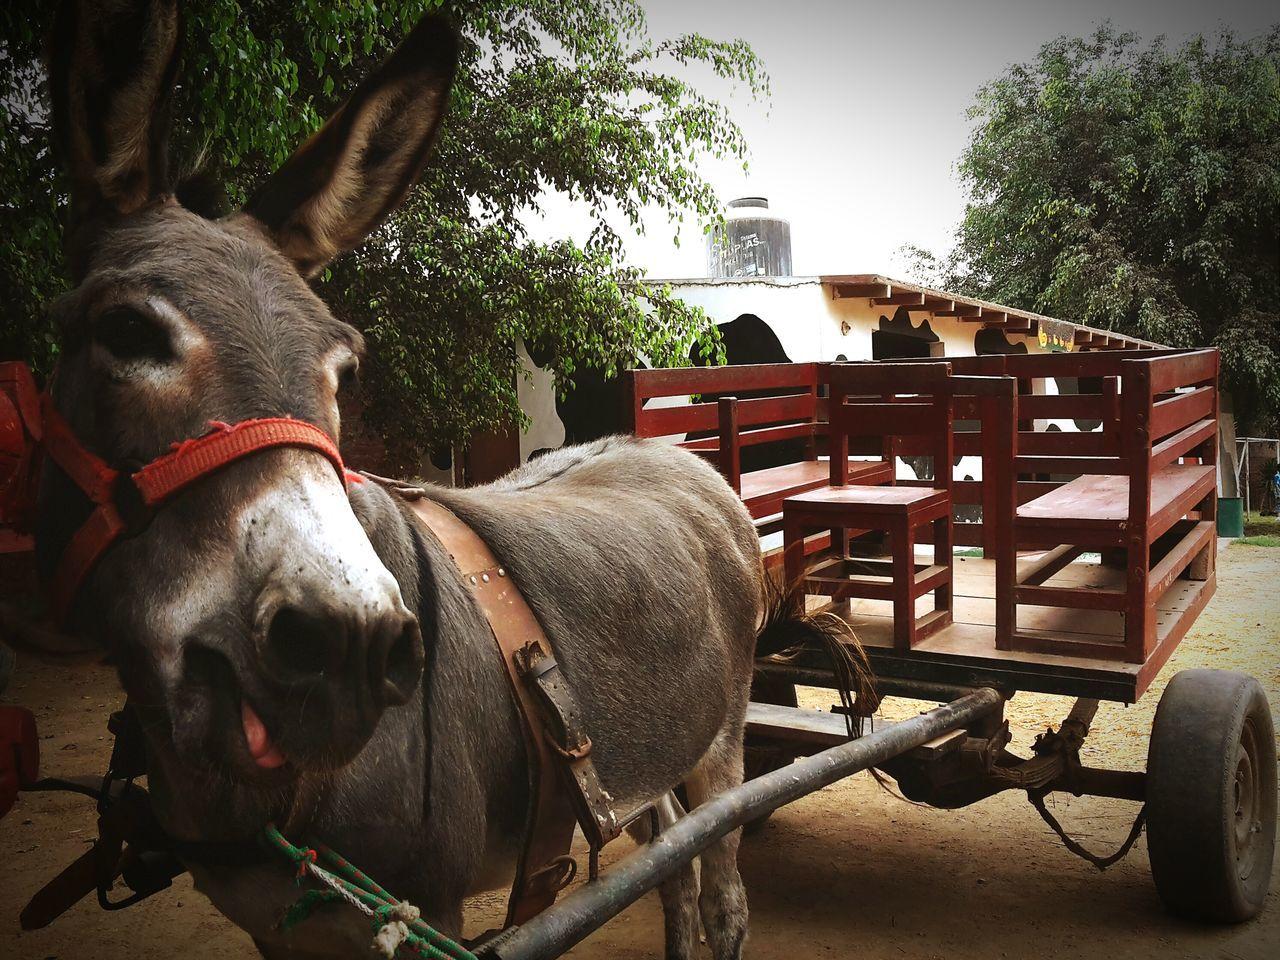 Close-up of donkey cart on street